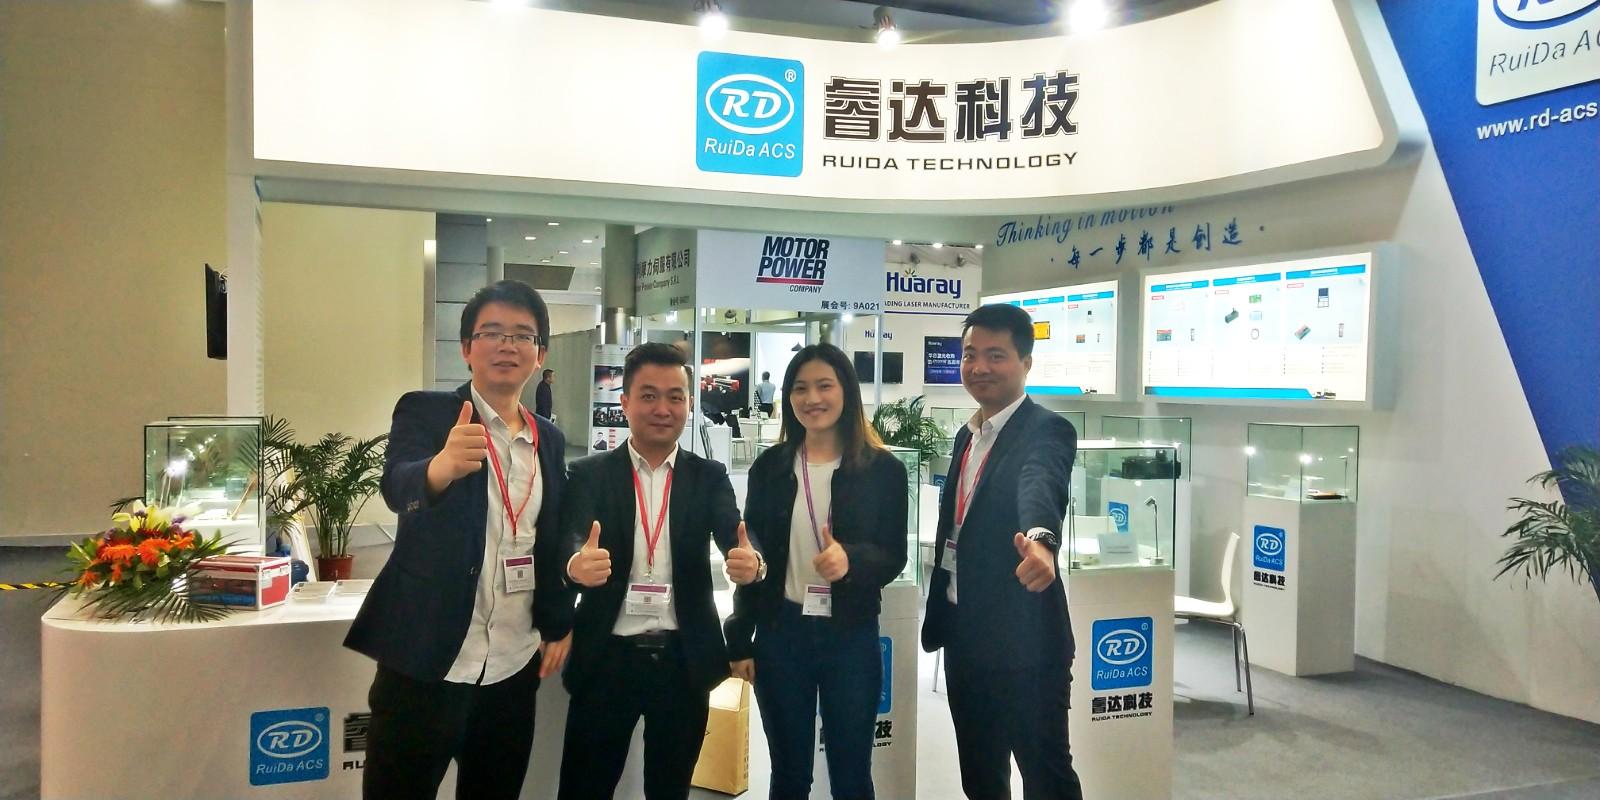 睿達科技明星產品炫美2019中國(深圳)激光與智能裝備博覽會